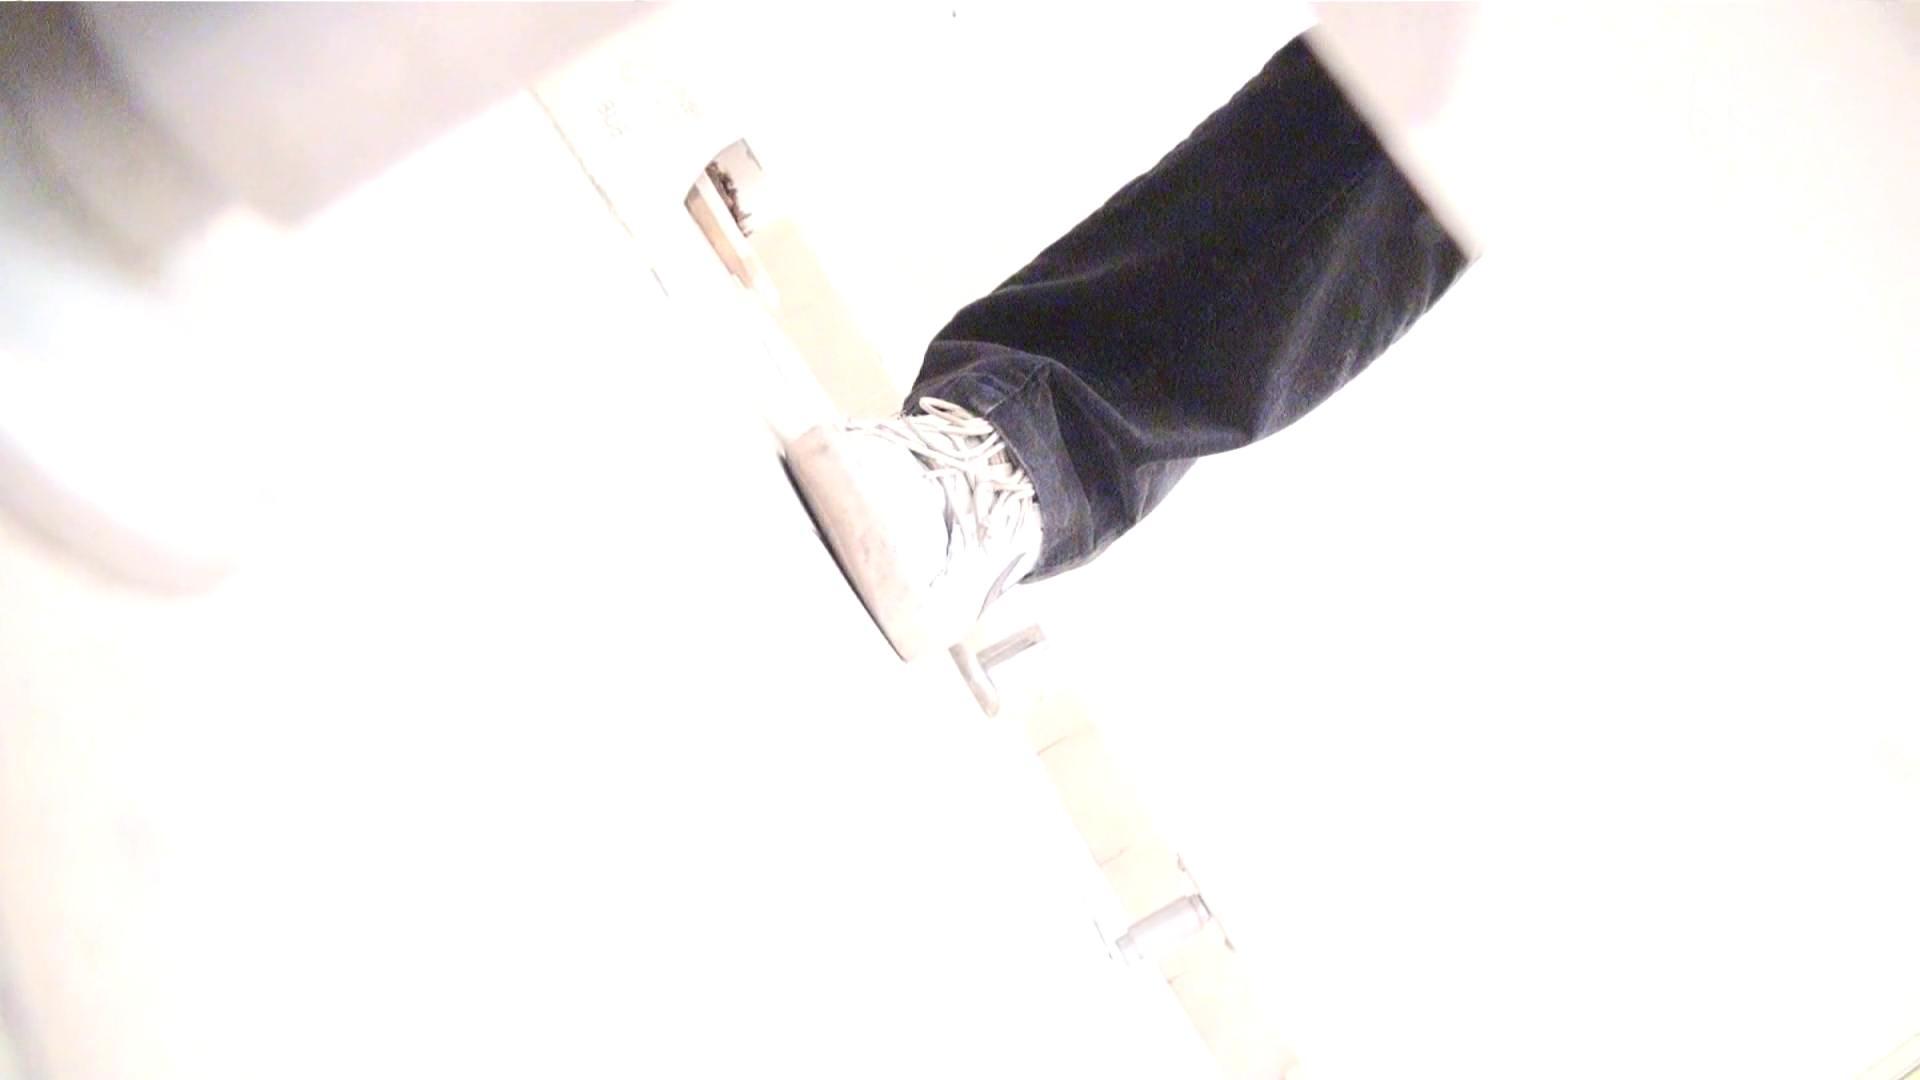 ナースのお小水 vol.005 ナース   ぱっくり下半身  56画像 34